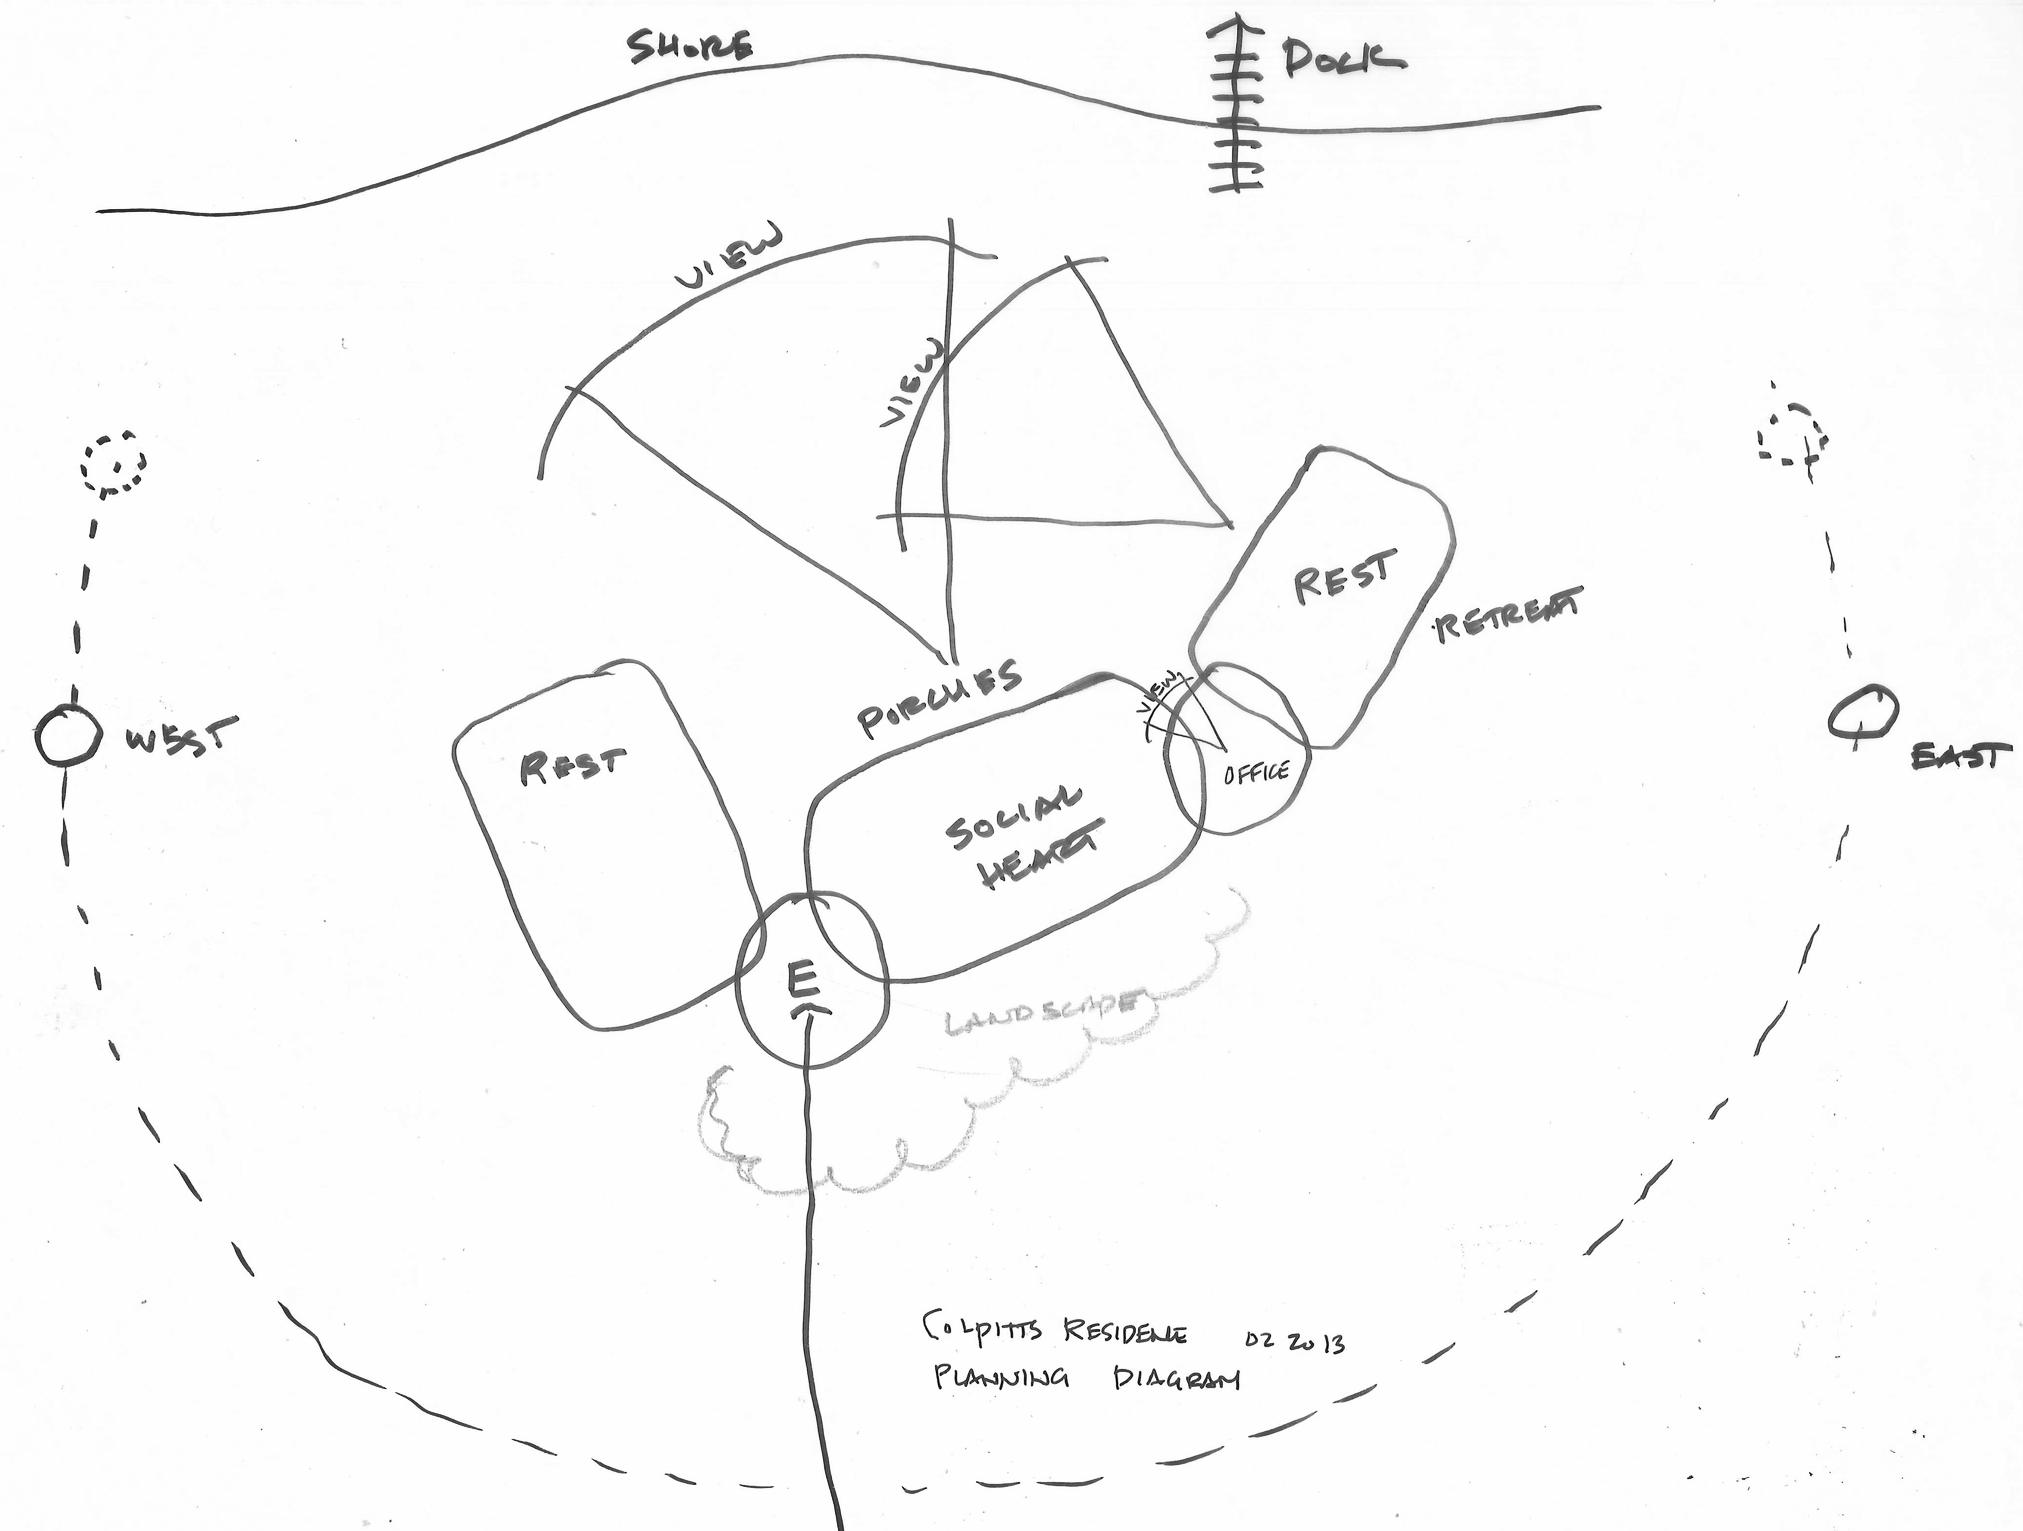 Plan+Diagram.png